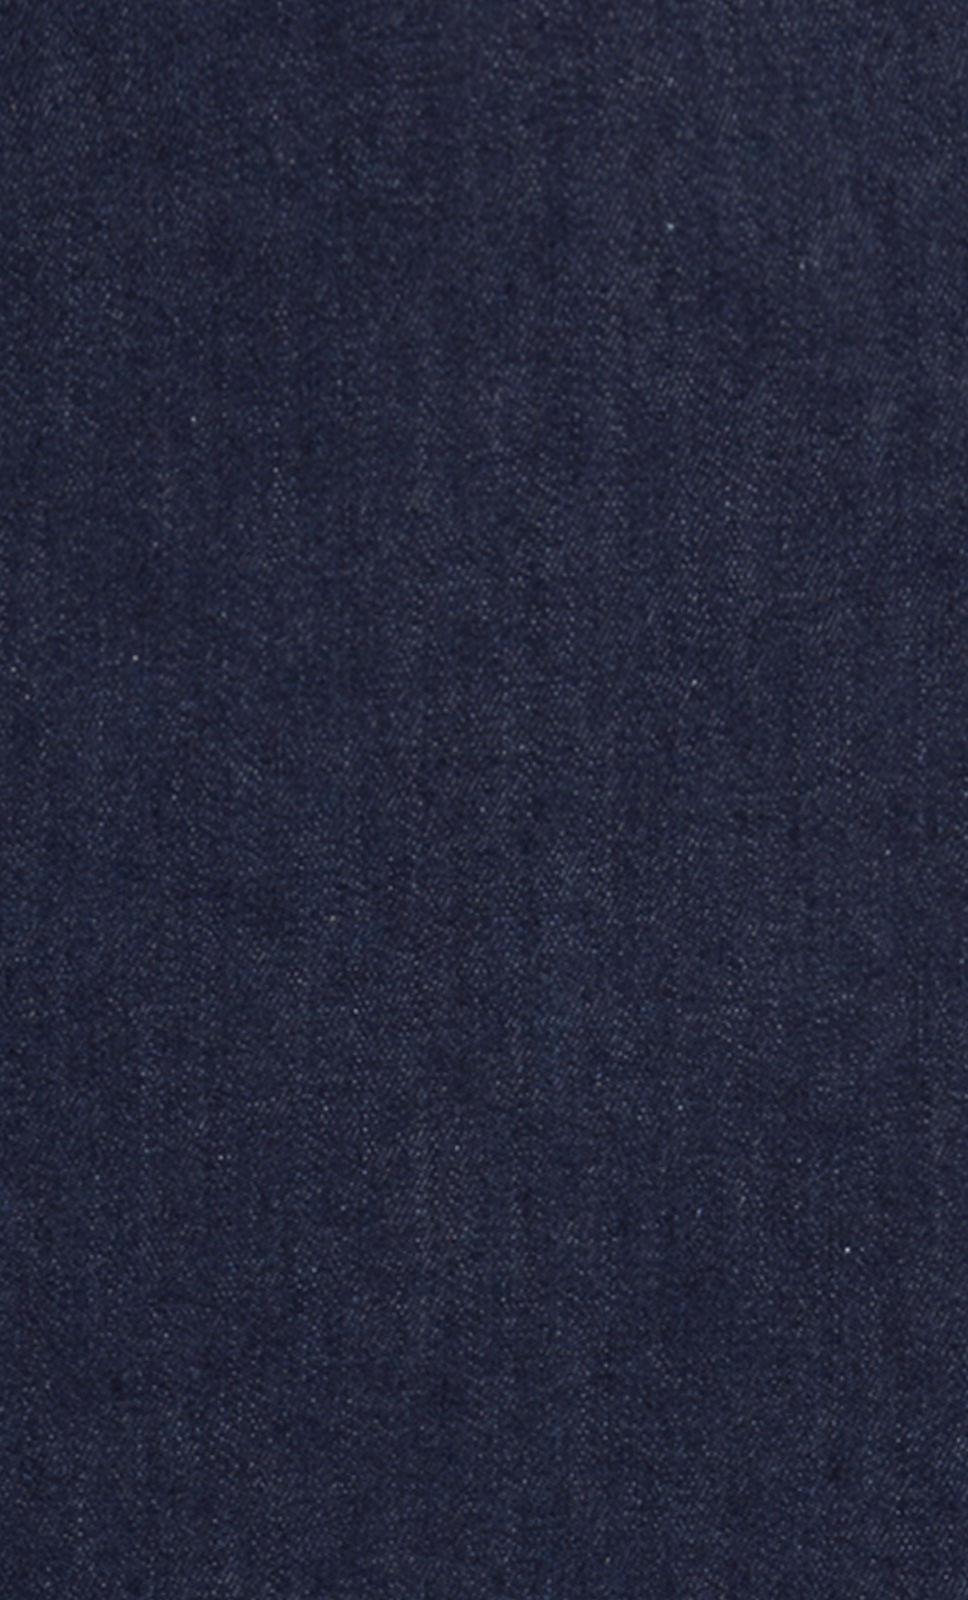 Denim-Ink-Blue